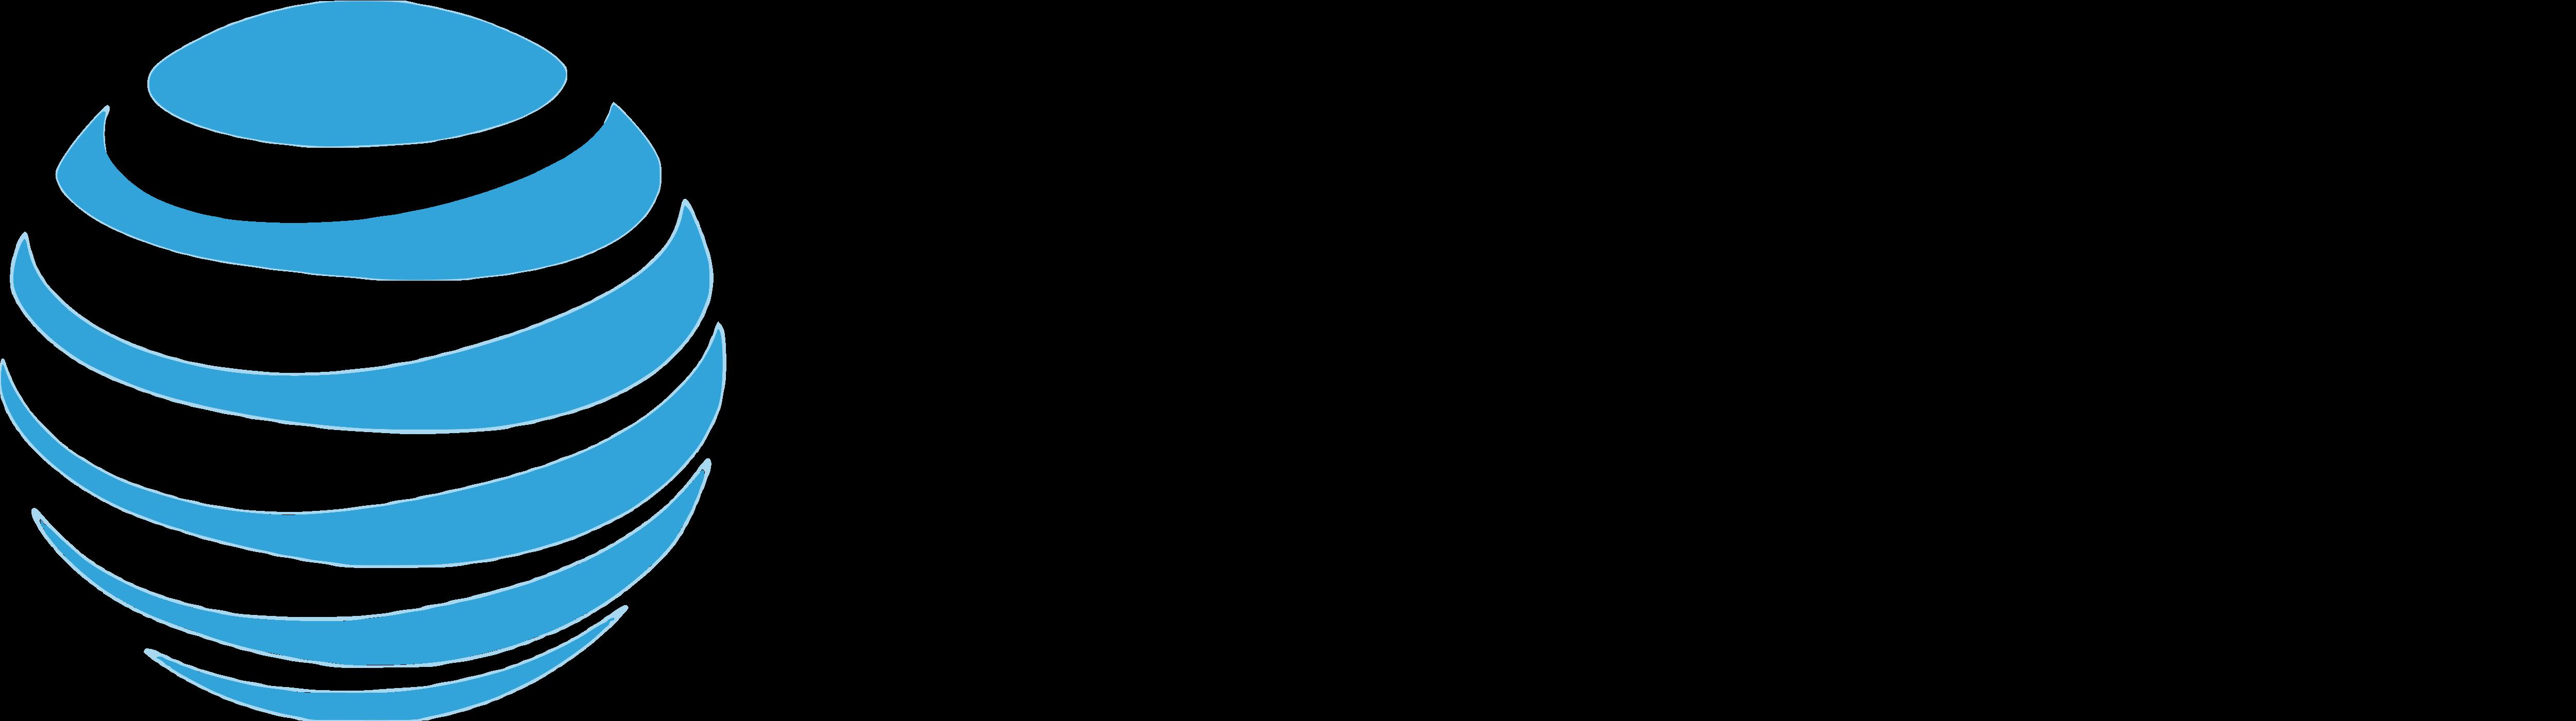 Image result for directv transparent logo